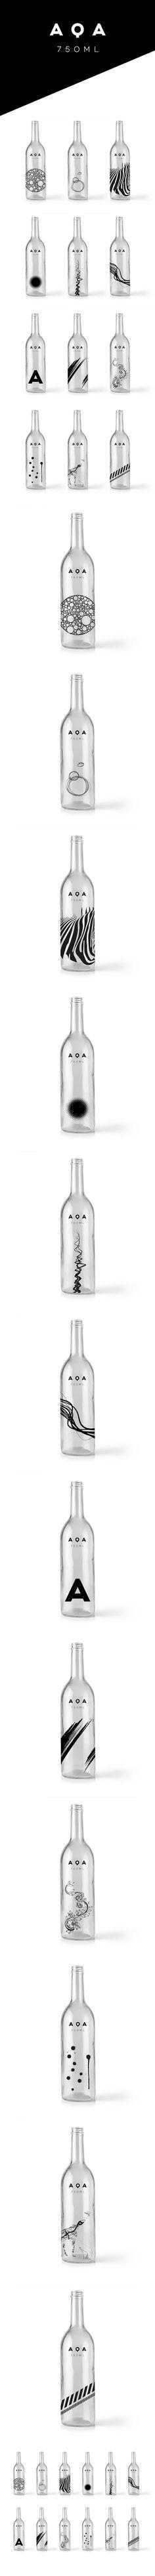 AQA 75 ML - Branding on Behance #packaging